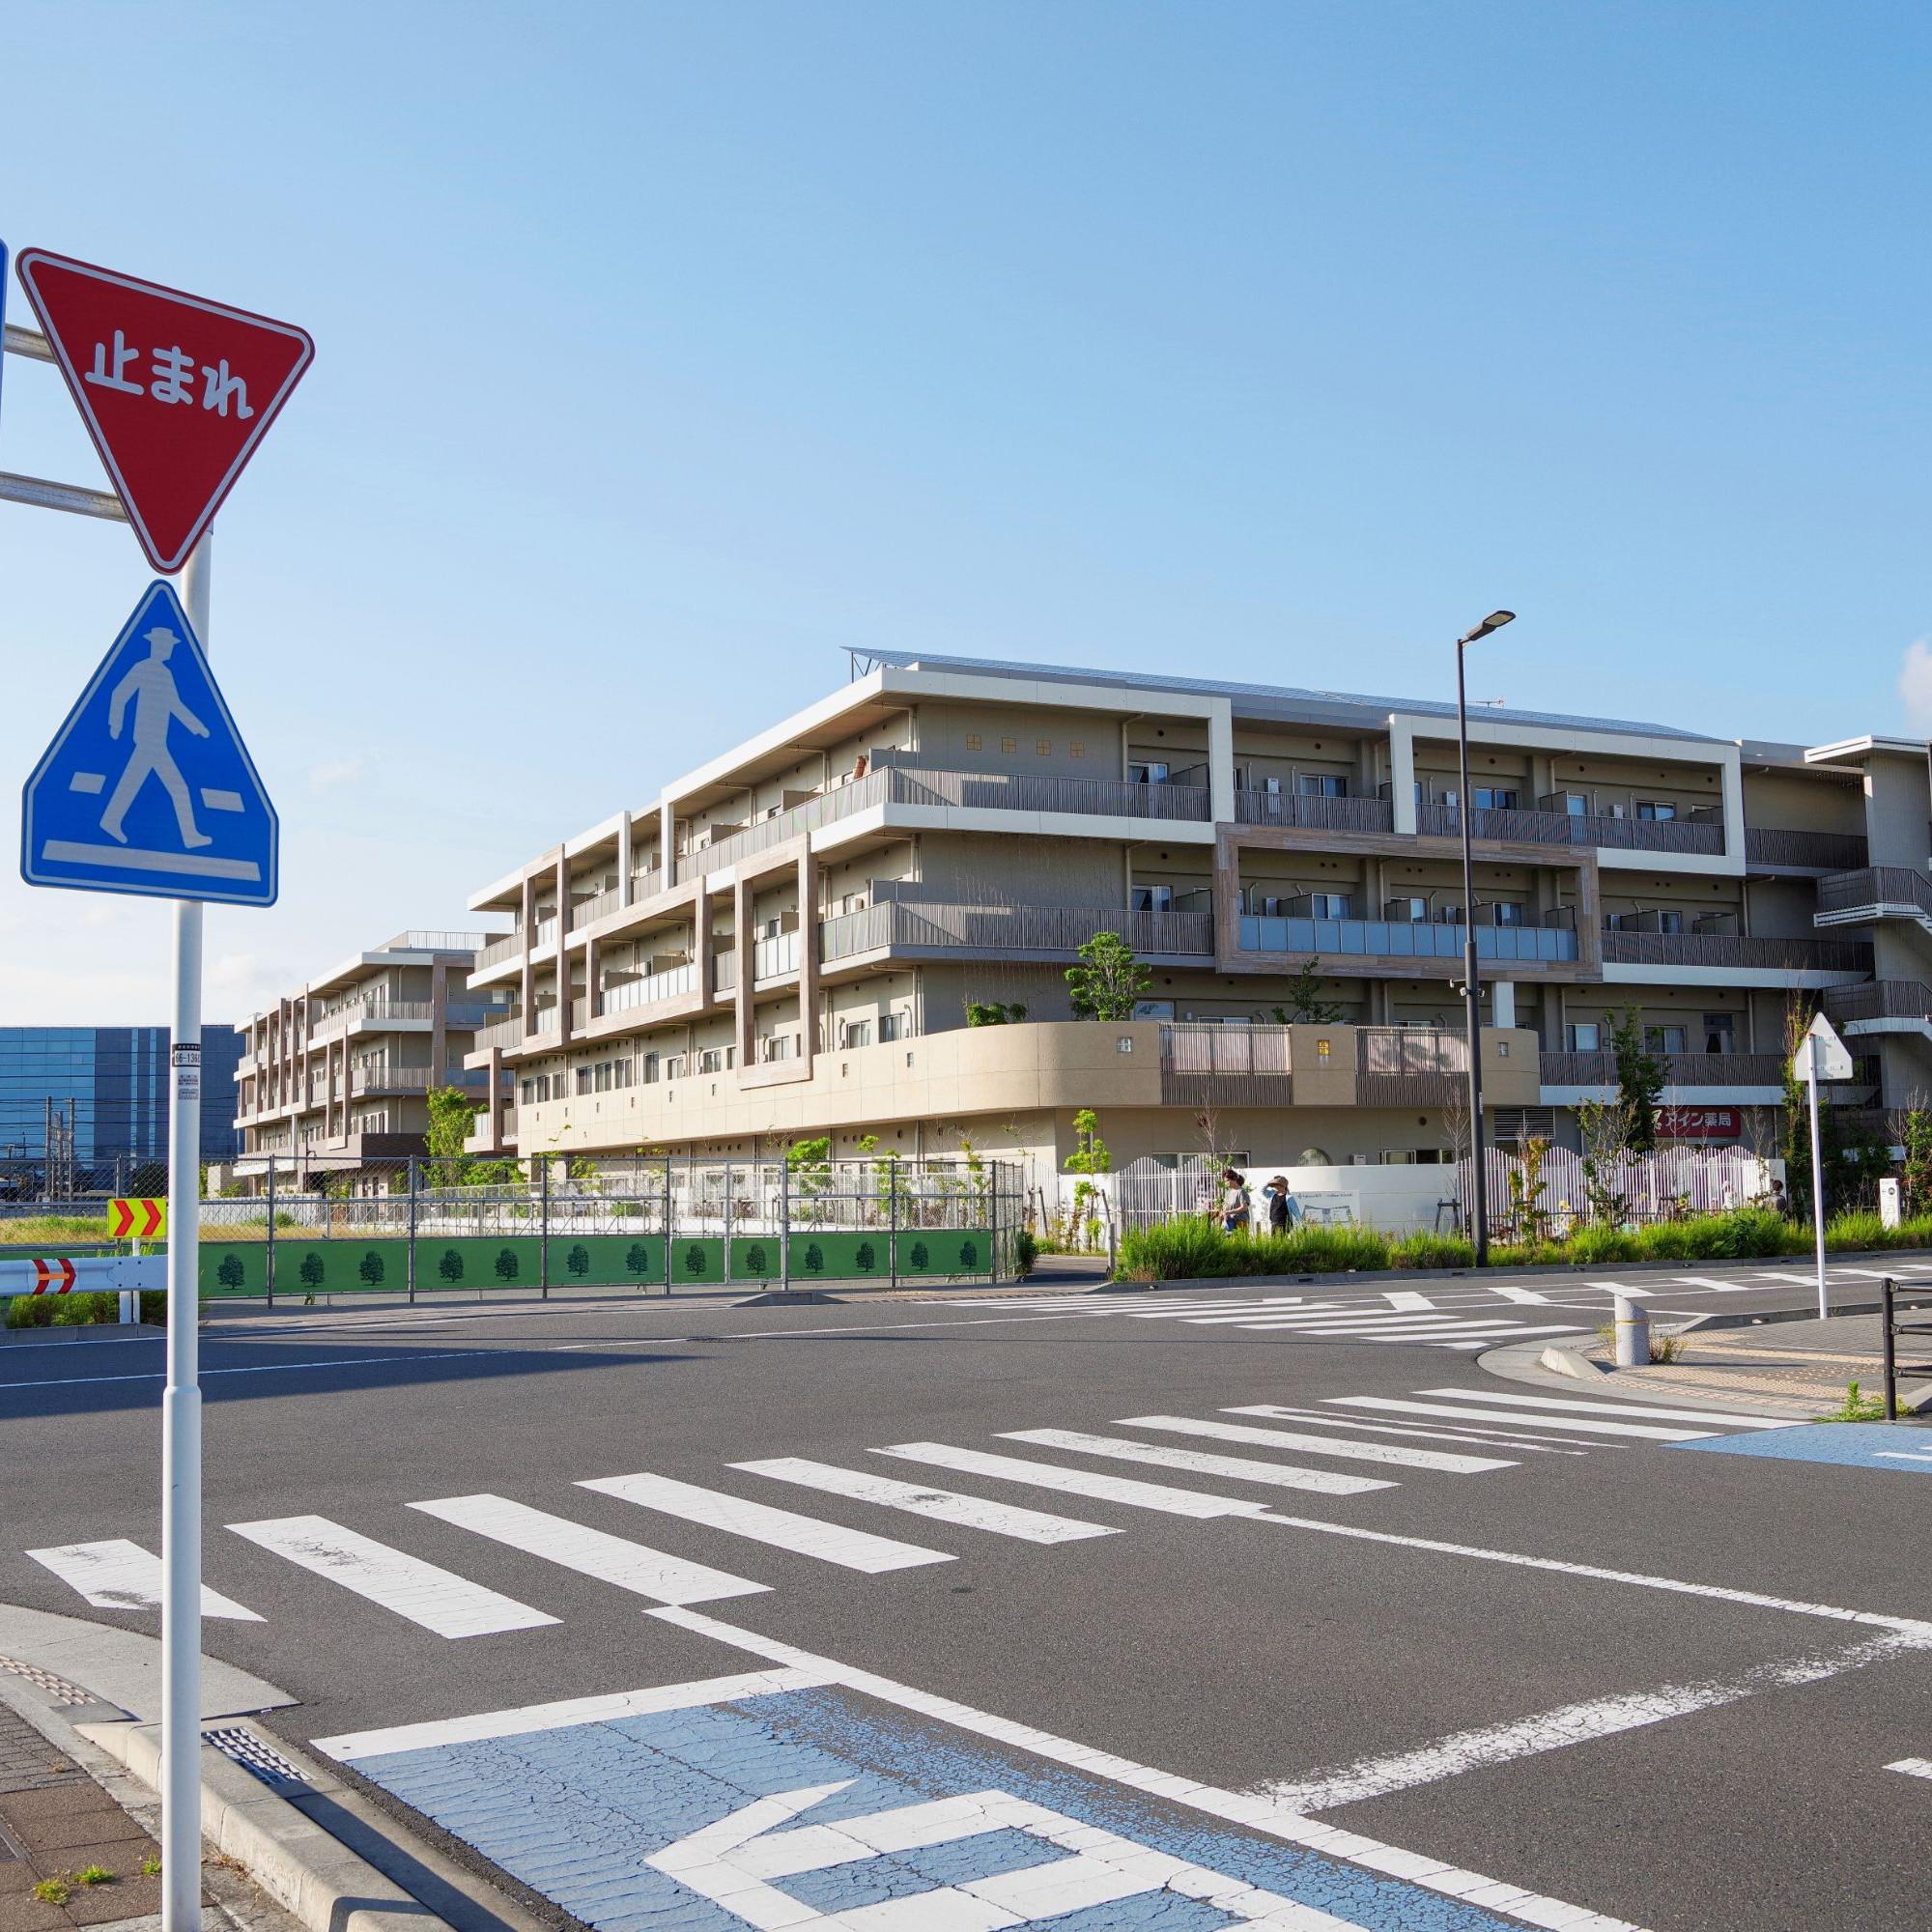 Senioren- und Kinderzentrum Fujisawa Sustainable Smart Town